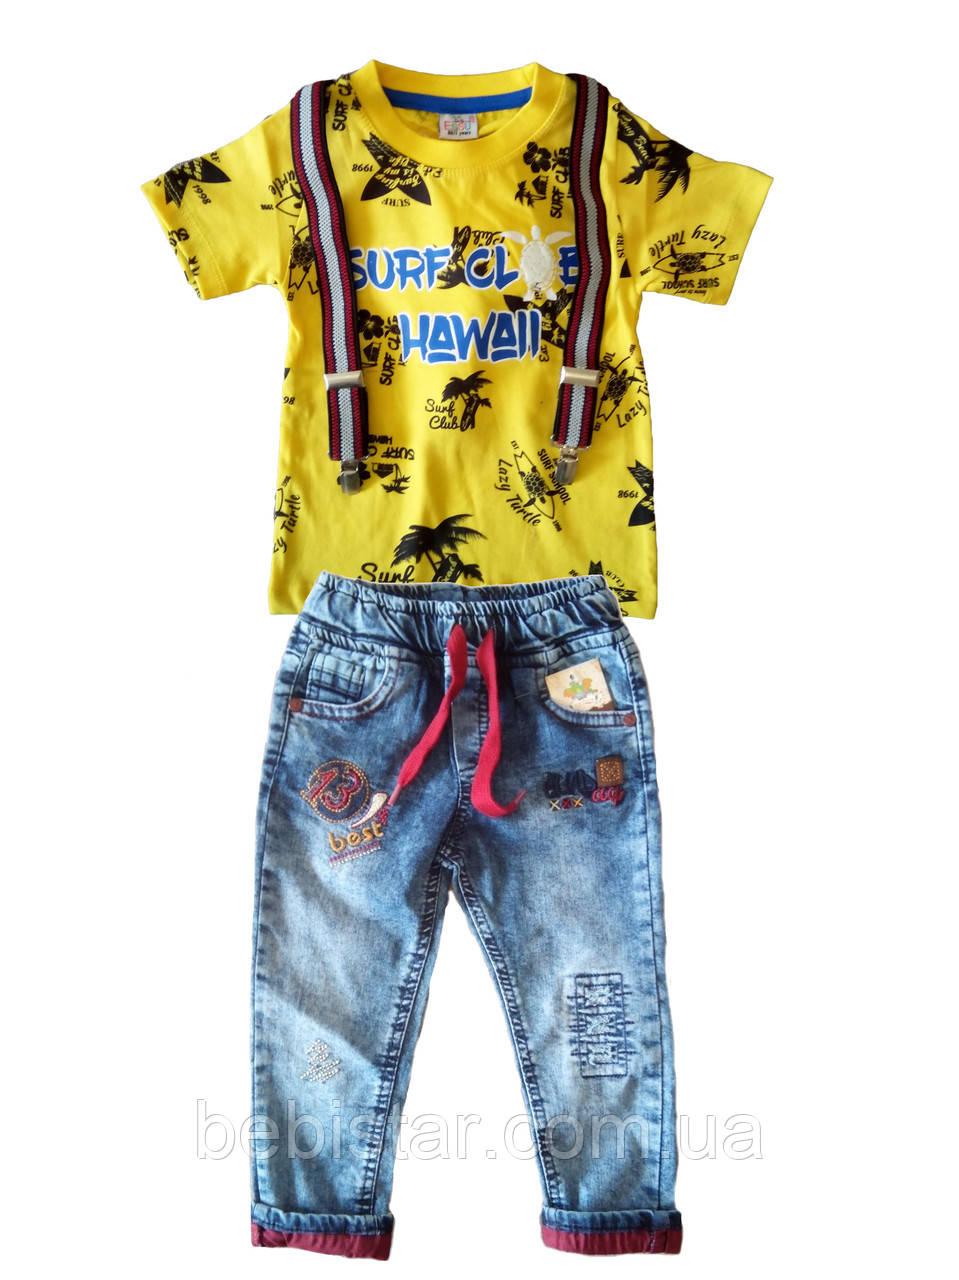 Джинсы на подтяжках бордовый манжет и футболка с пальмами для мальчика 1-4 года